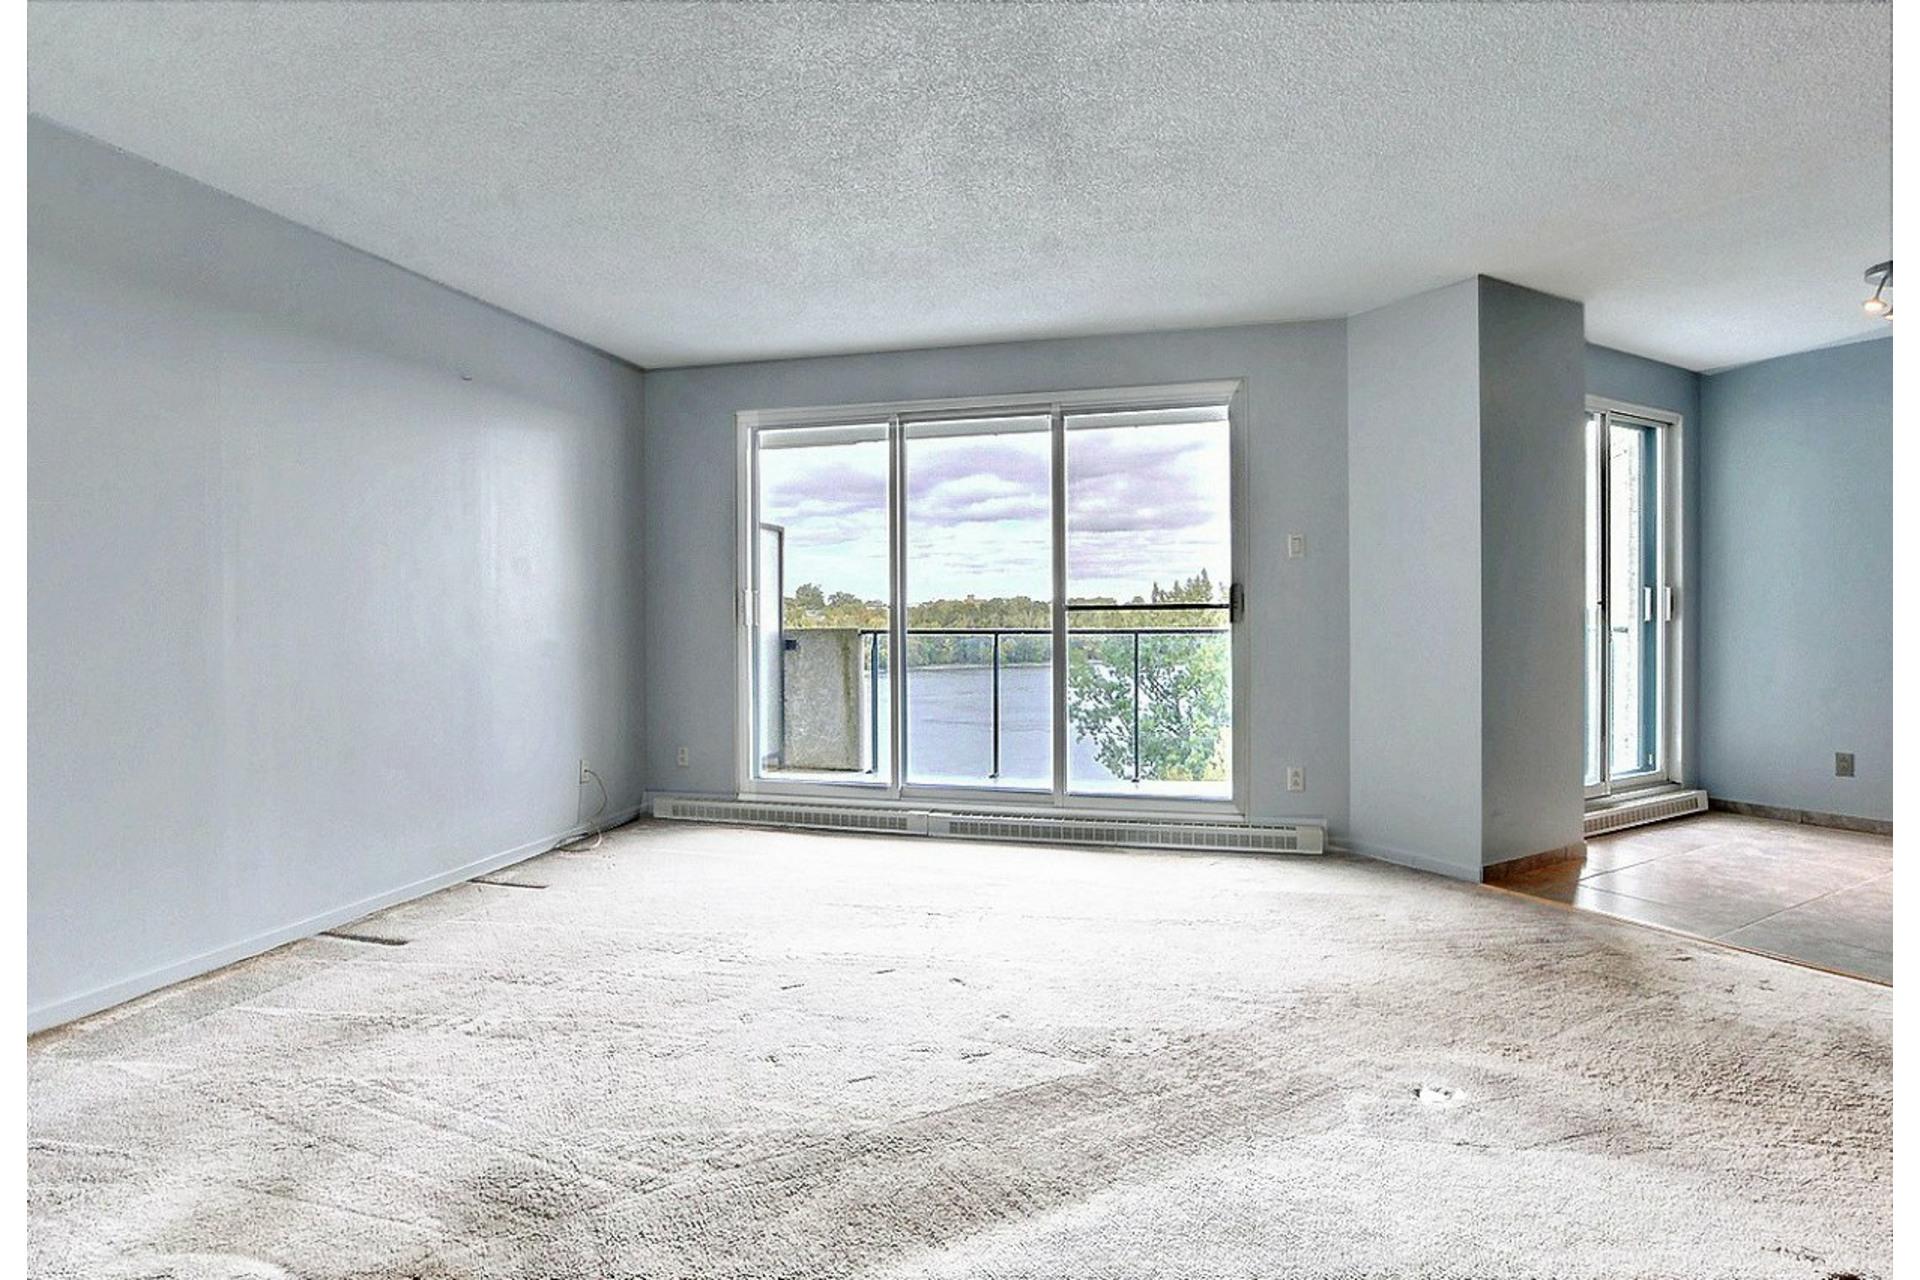 image 5 - Appartement À vendre Montréal Montréal-Nord  - 6 pièces